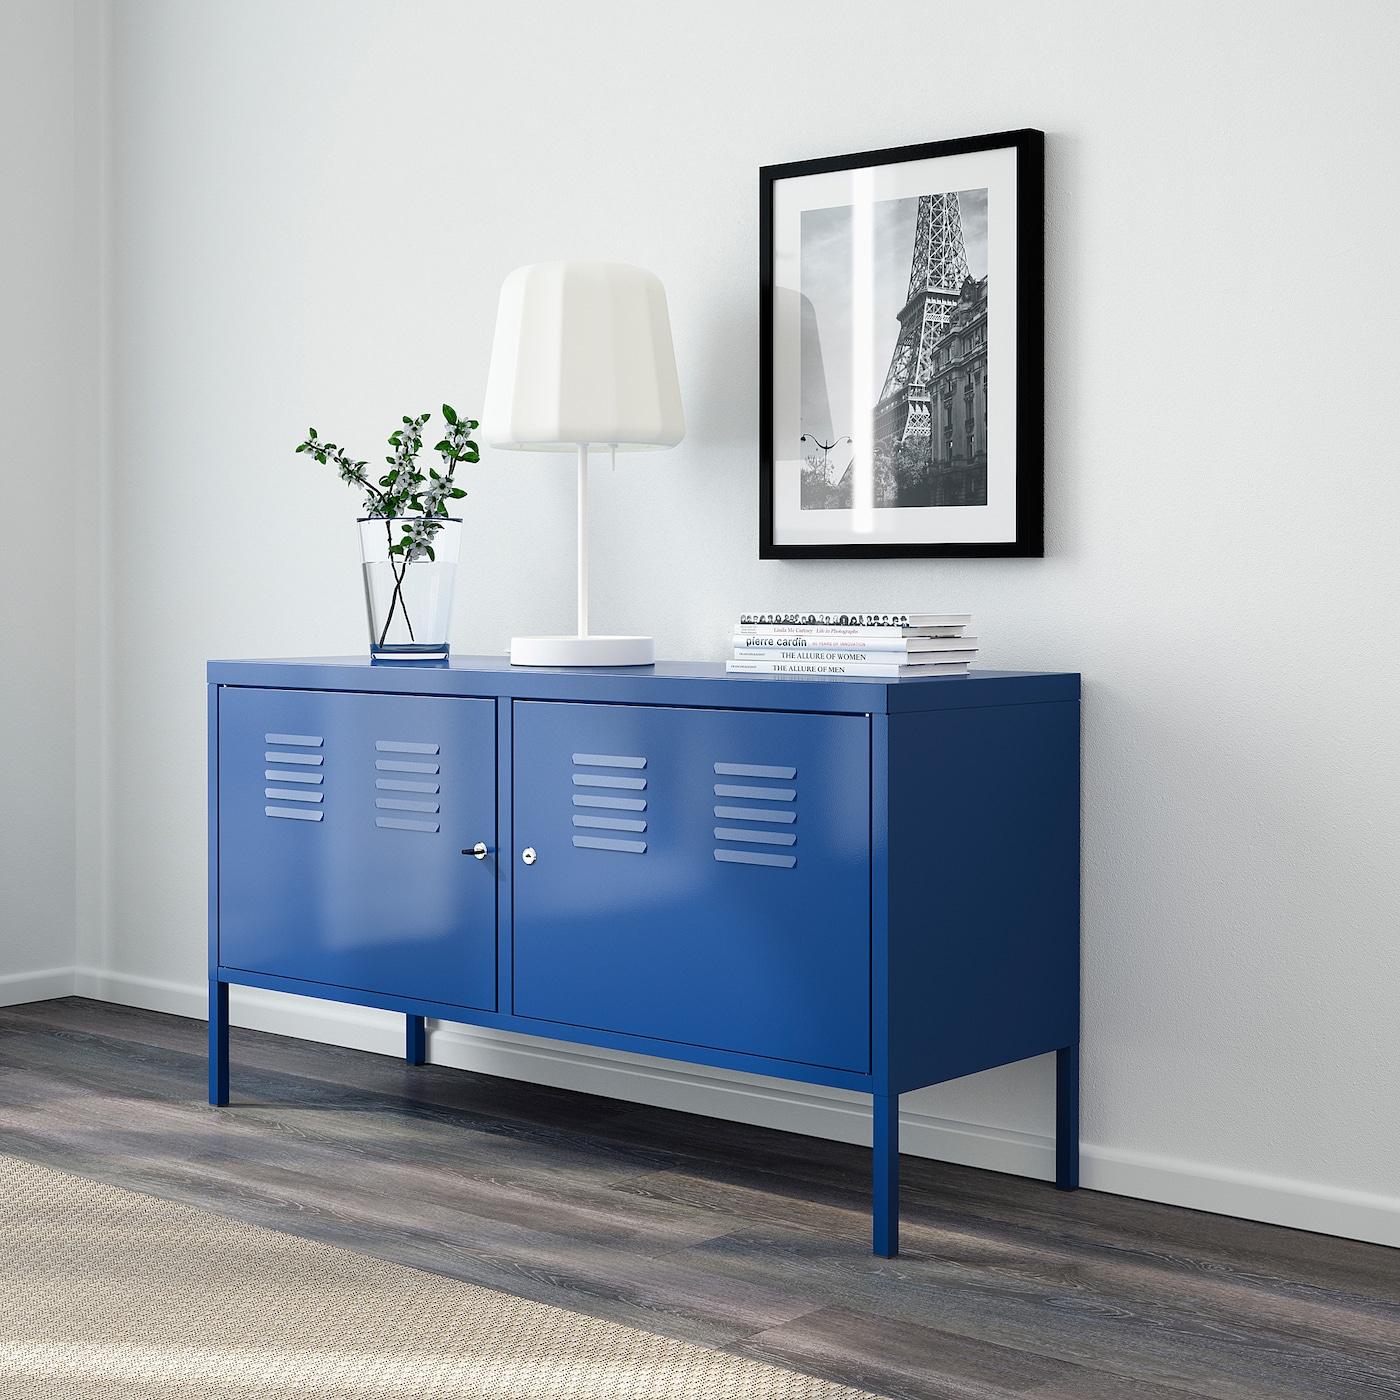 Ikea Ps Armoire Metallique Bleu 119x63 Cm Pour Meuble Tv Industriel Ikea Agencecormierdelauniere Com Agencecormierdelauniere Com